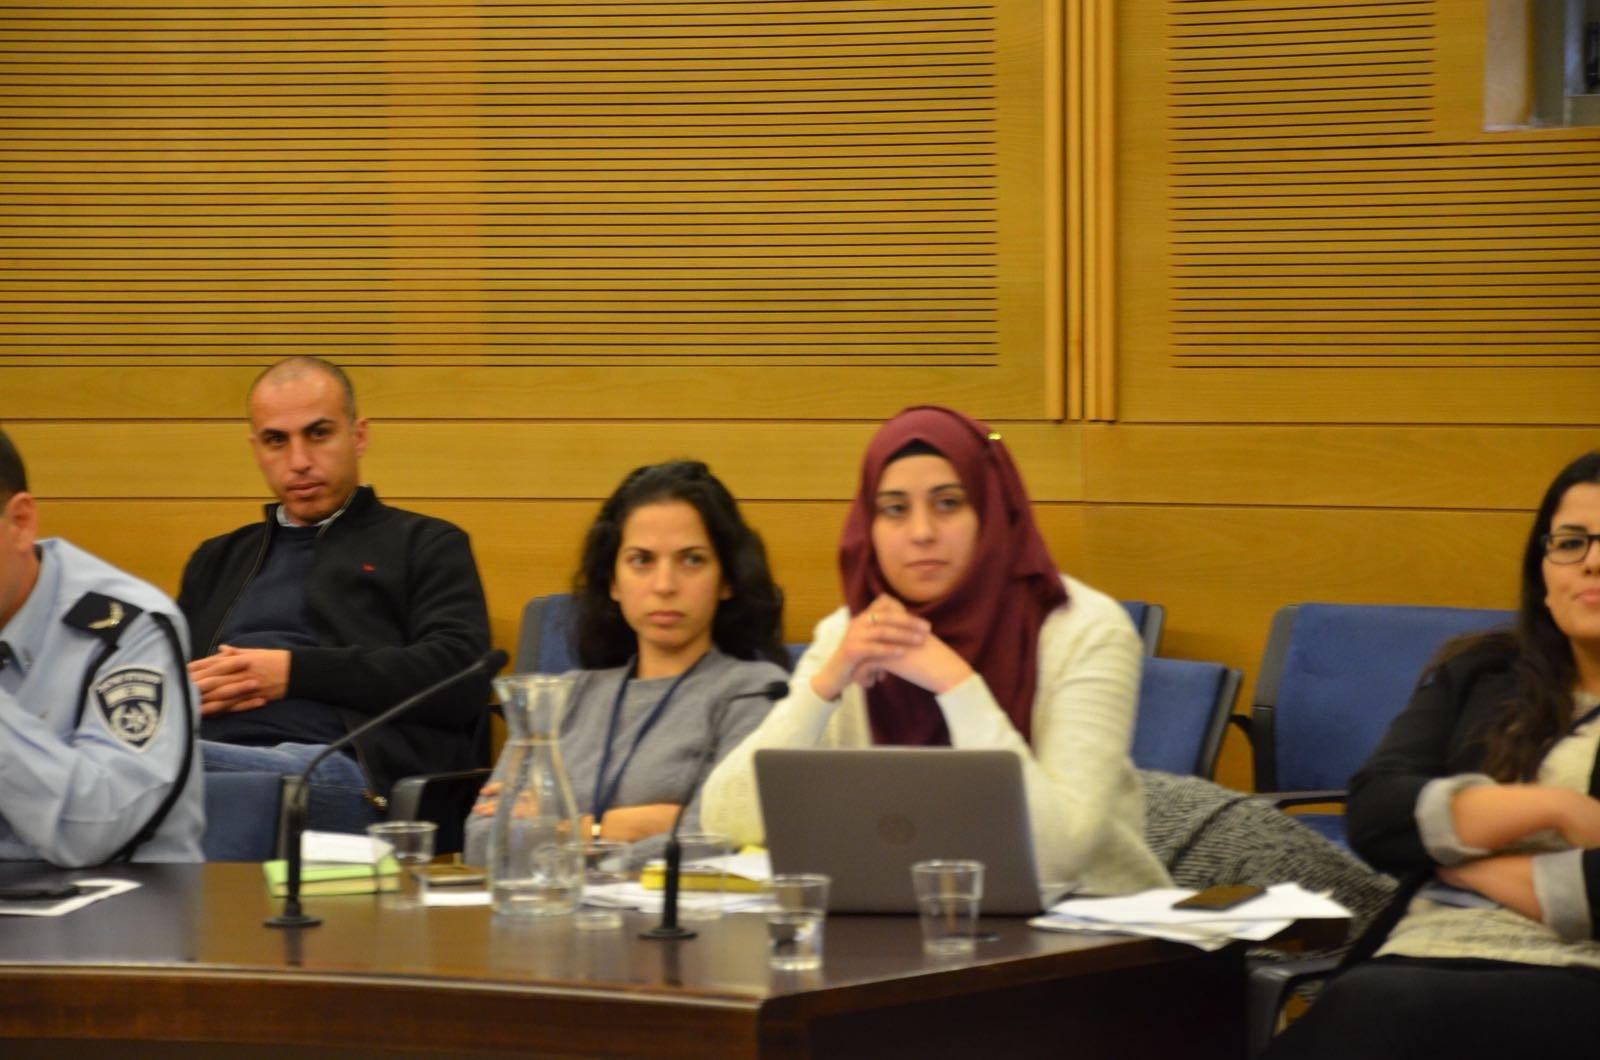 بمبادرة الطيبي وزحالقة ومركز مساواة: لجنة المالية توصي بضرورة اعداد خطة اقتصادية لسد الفجوات